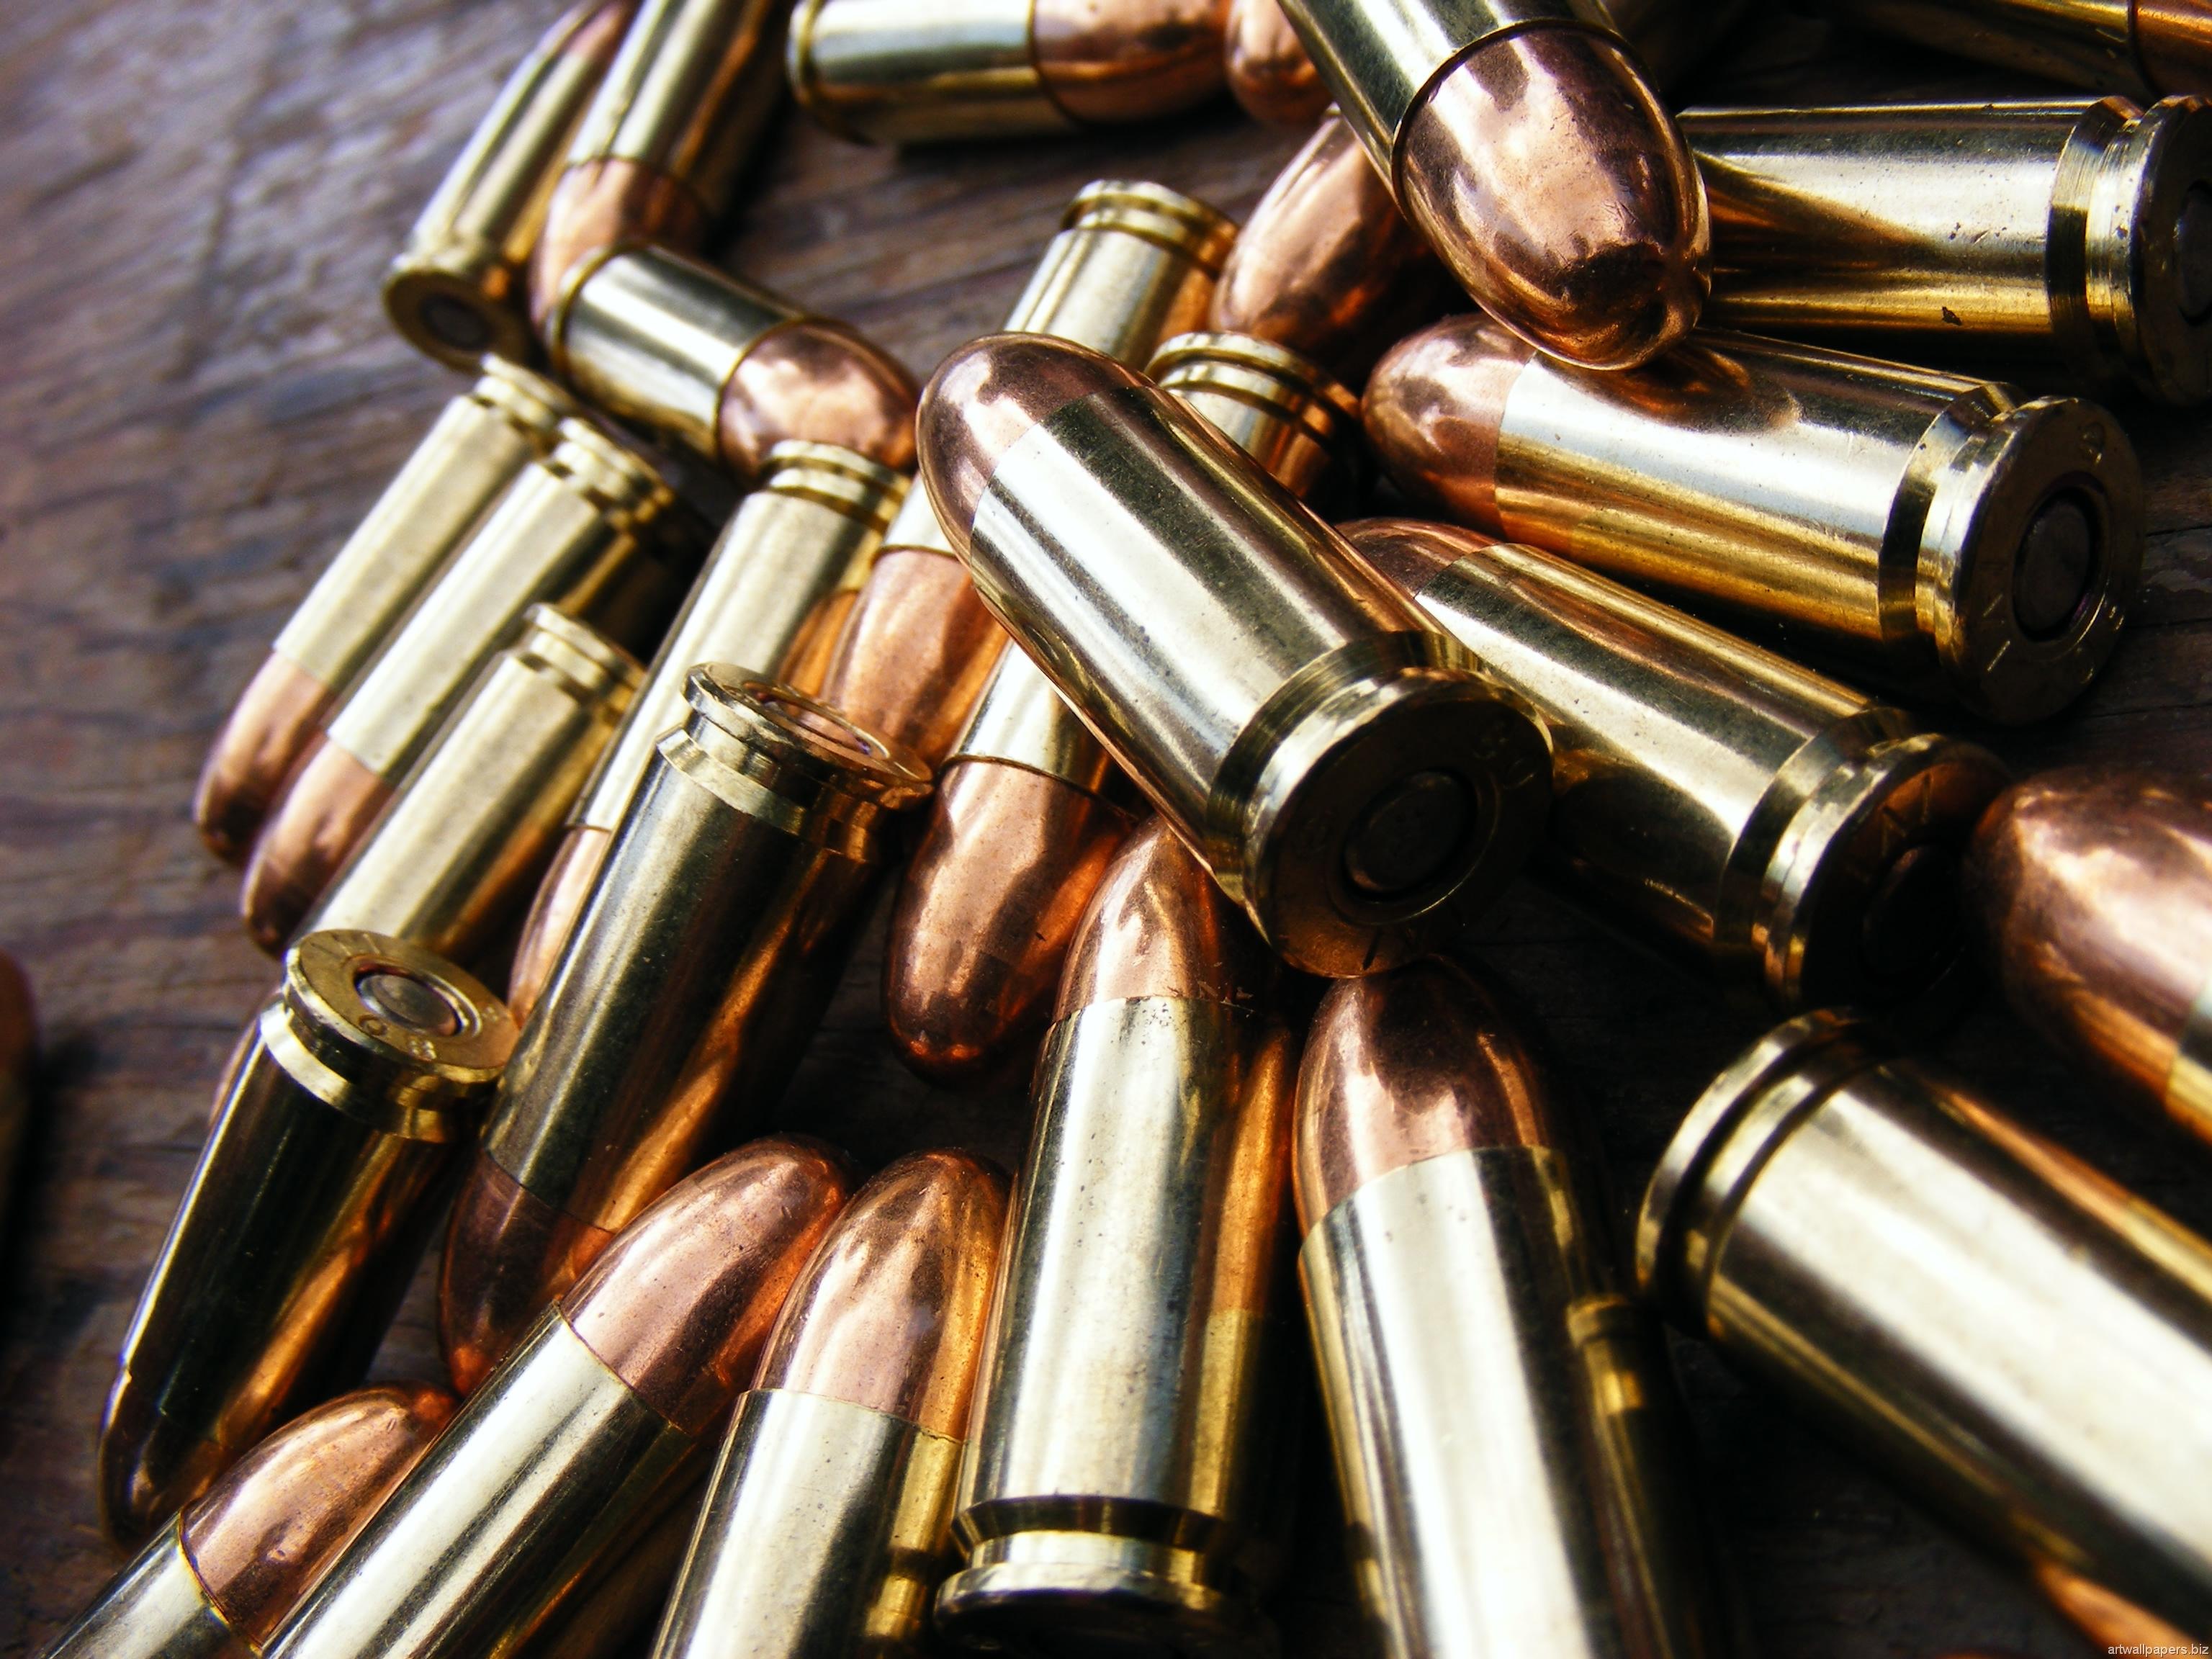 патроны, скачать фото, обои для рабочего стола, пули, bullets rounds wallpapers